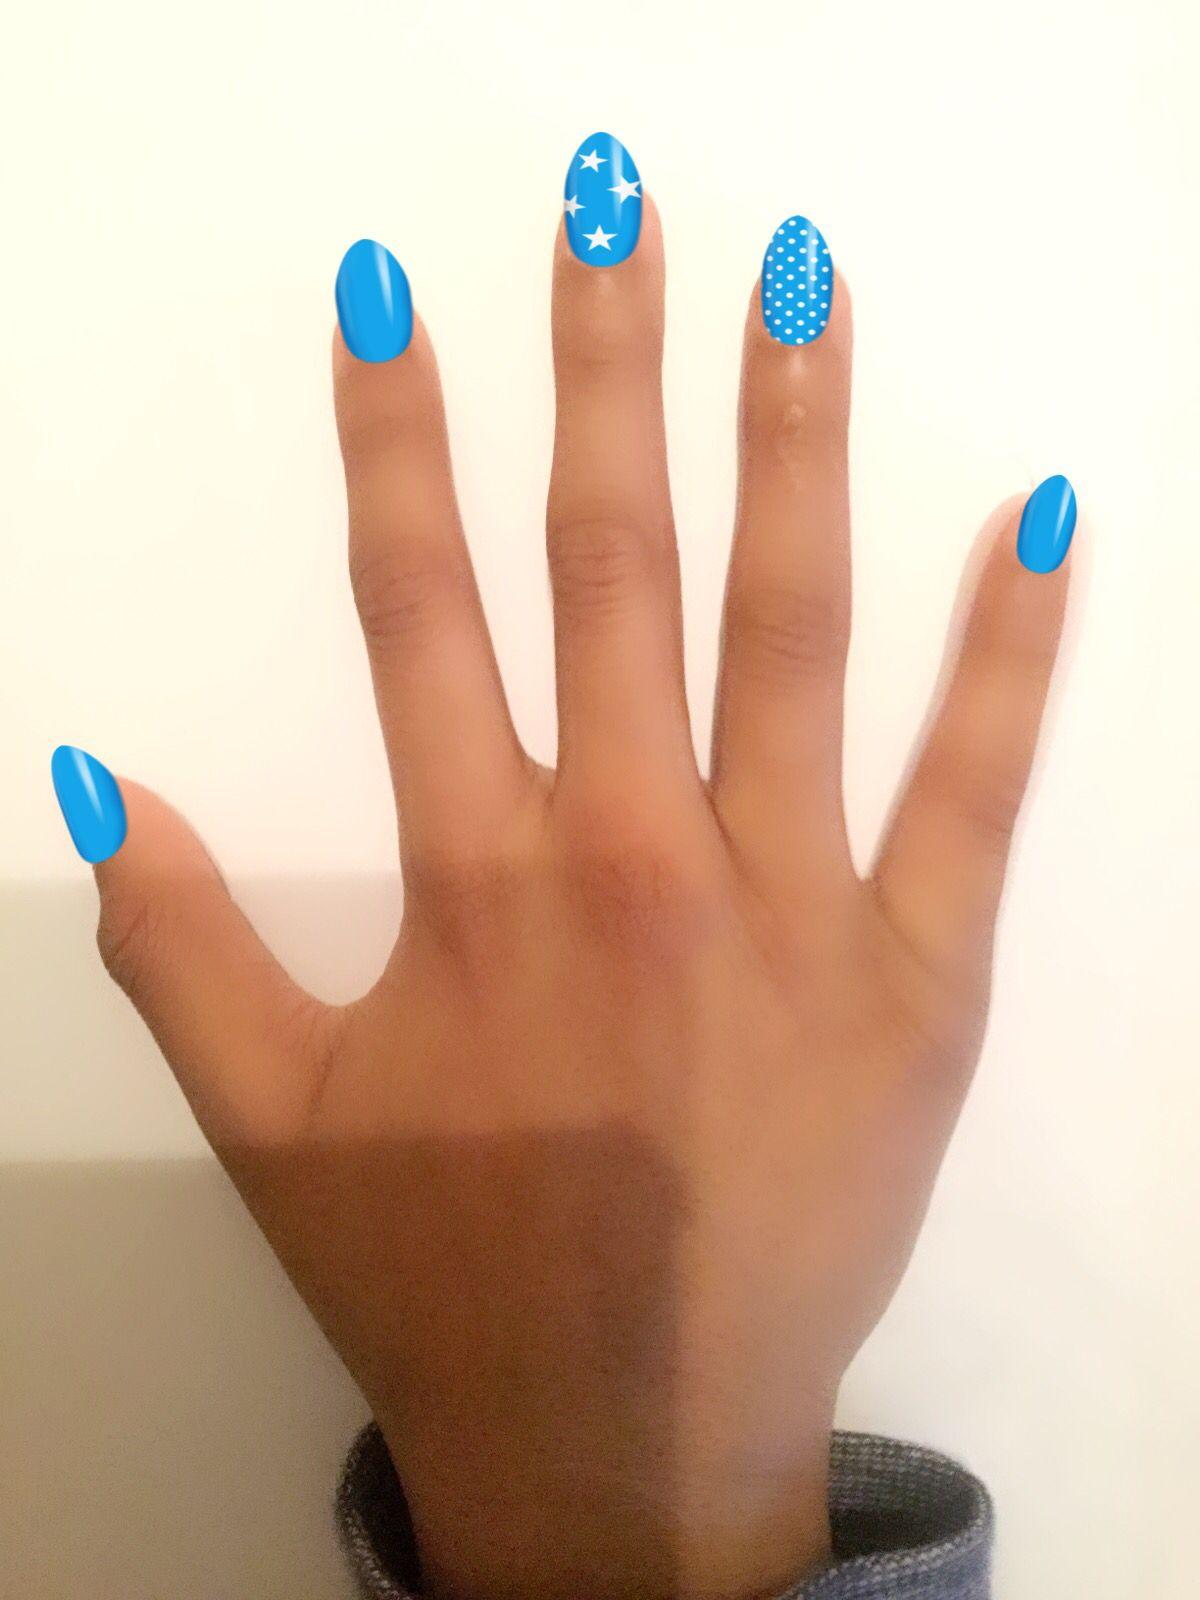 Pin by Despina Vlasov on Wow nails by Despina Vlasov